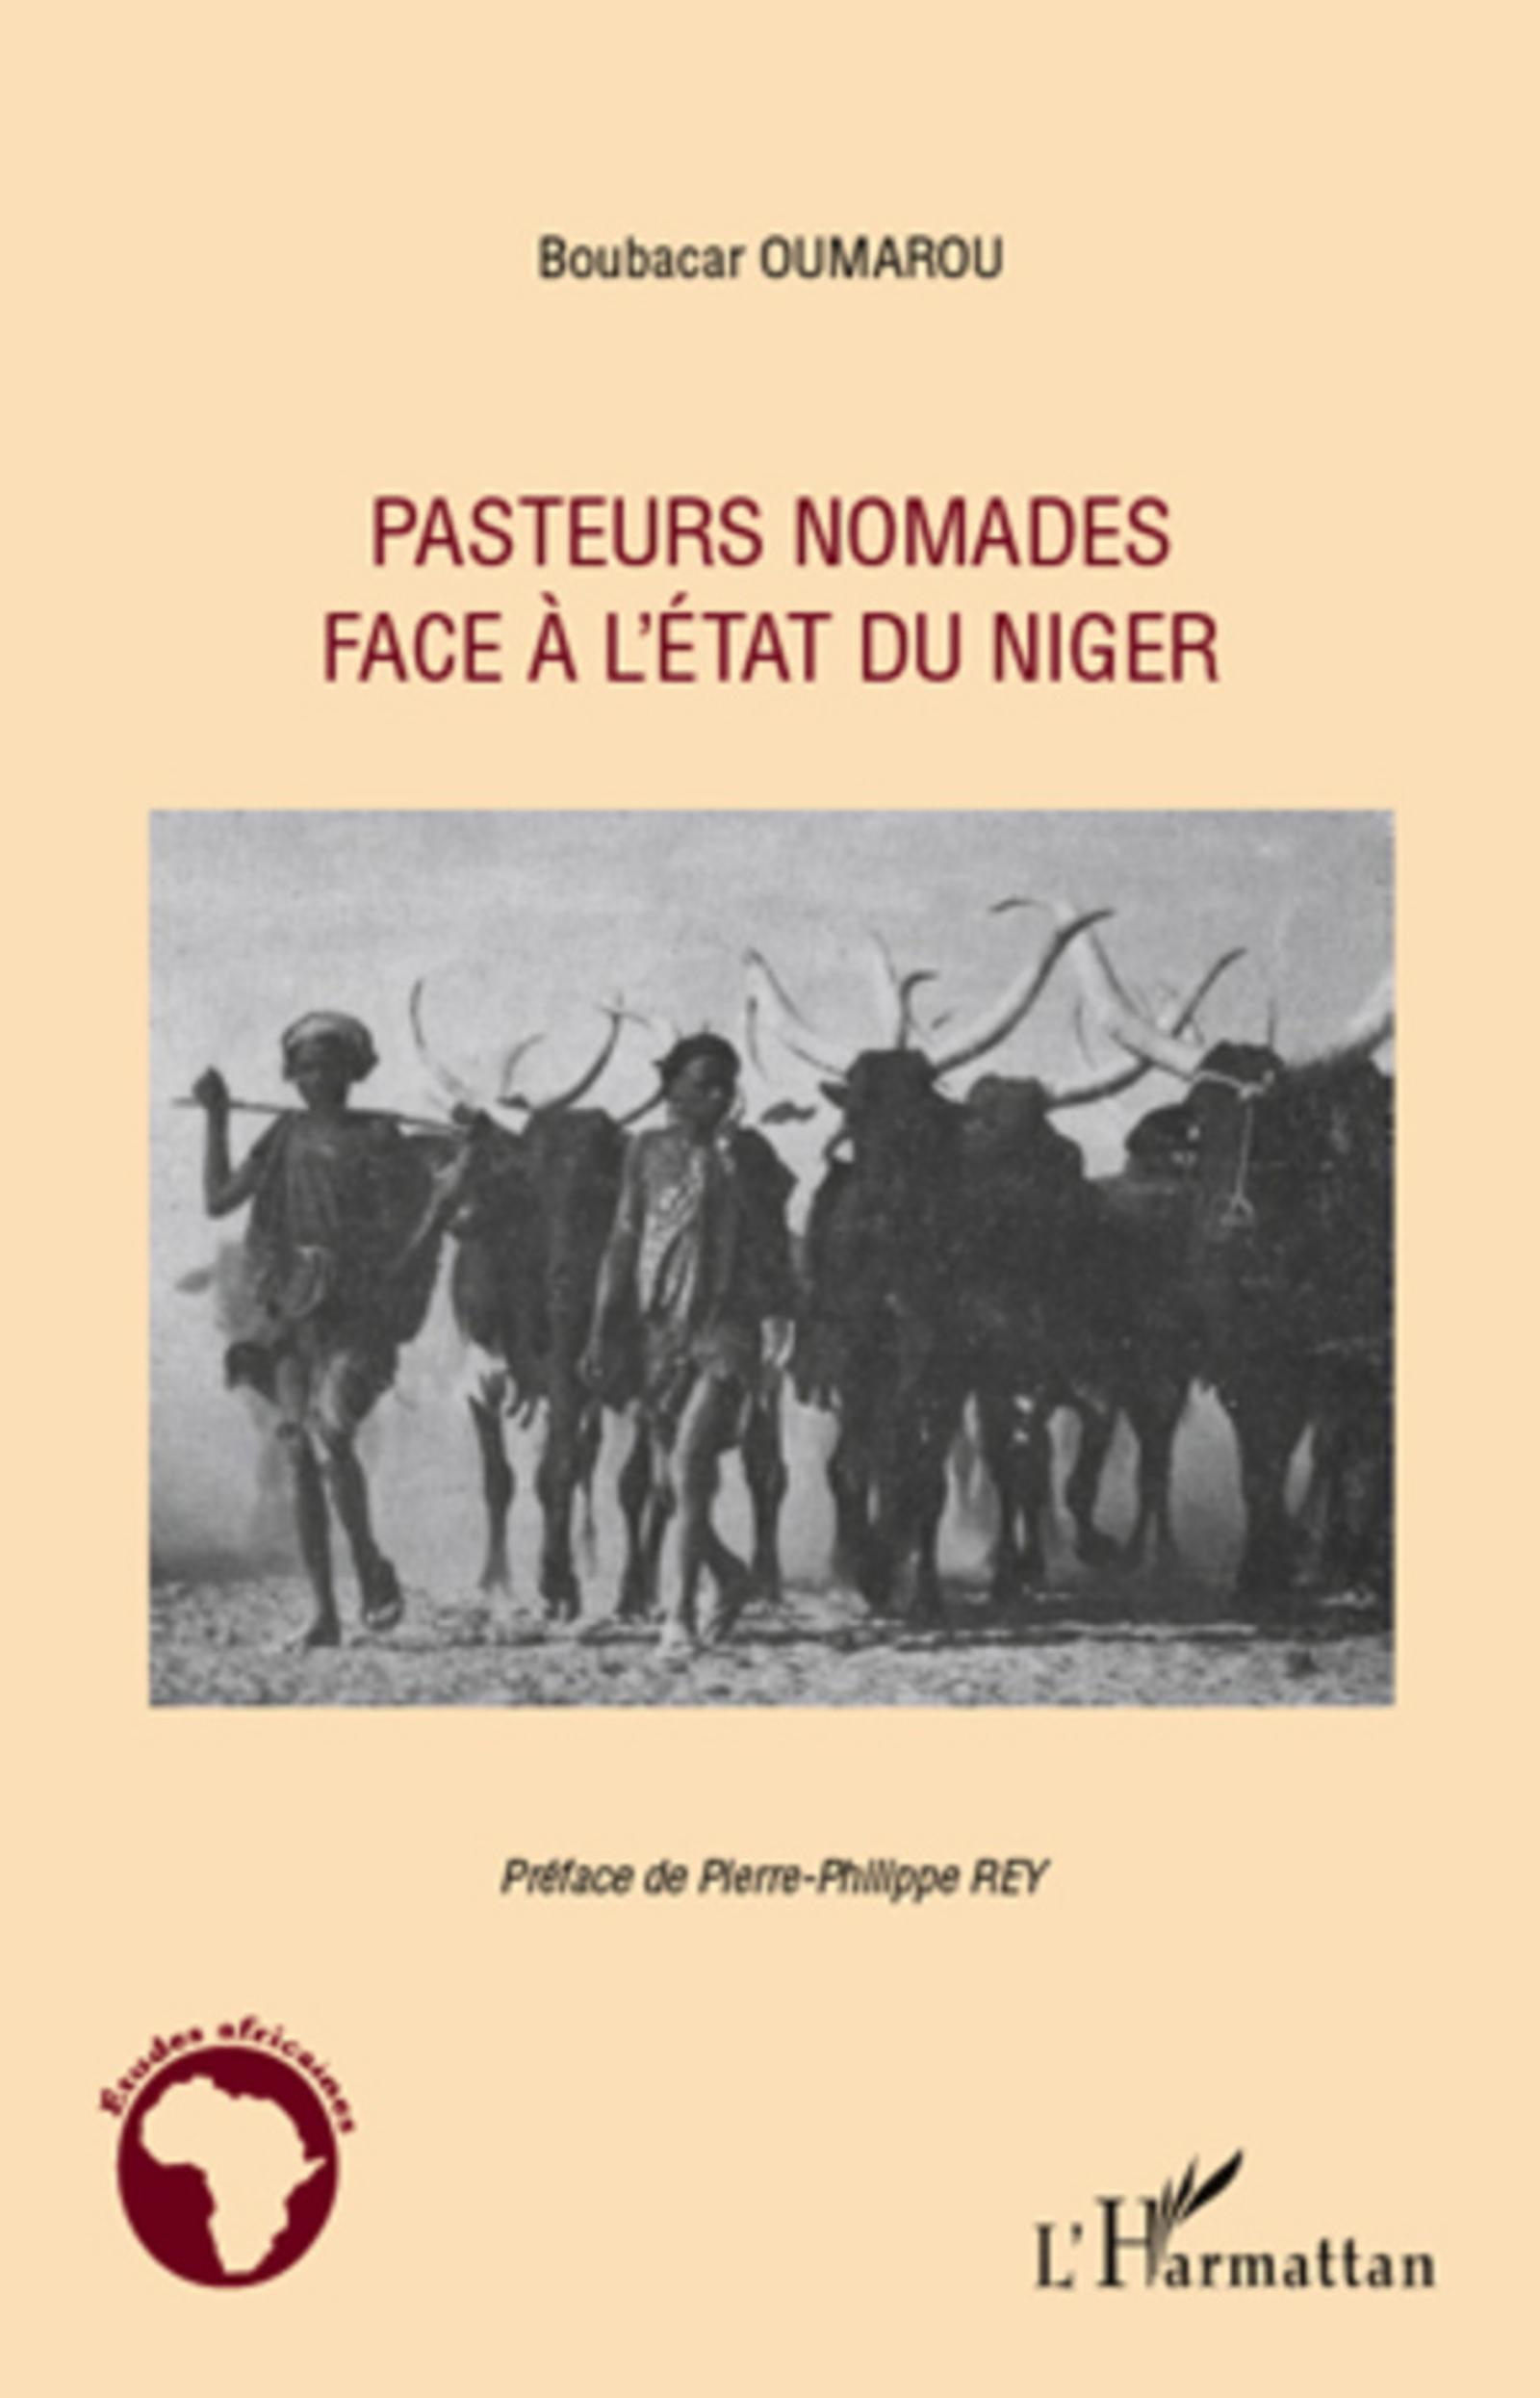 Pasteurs nomades